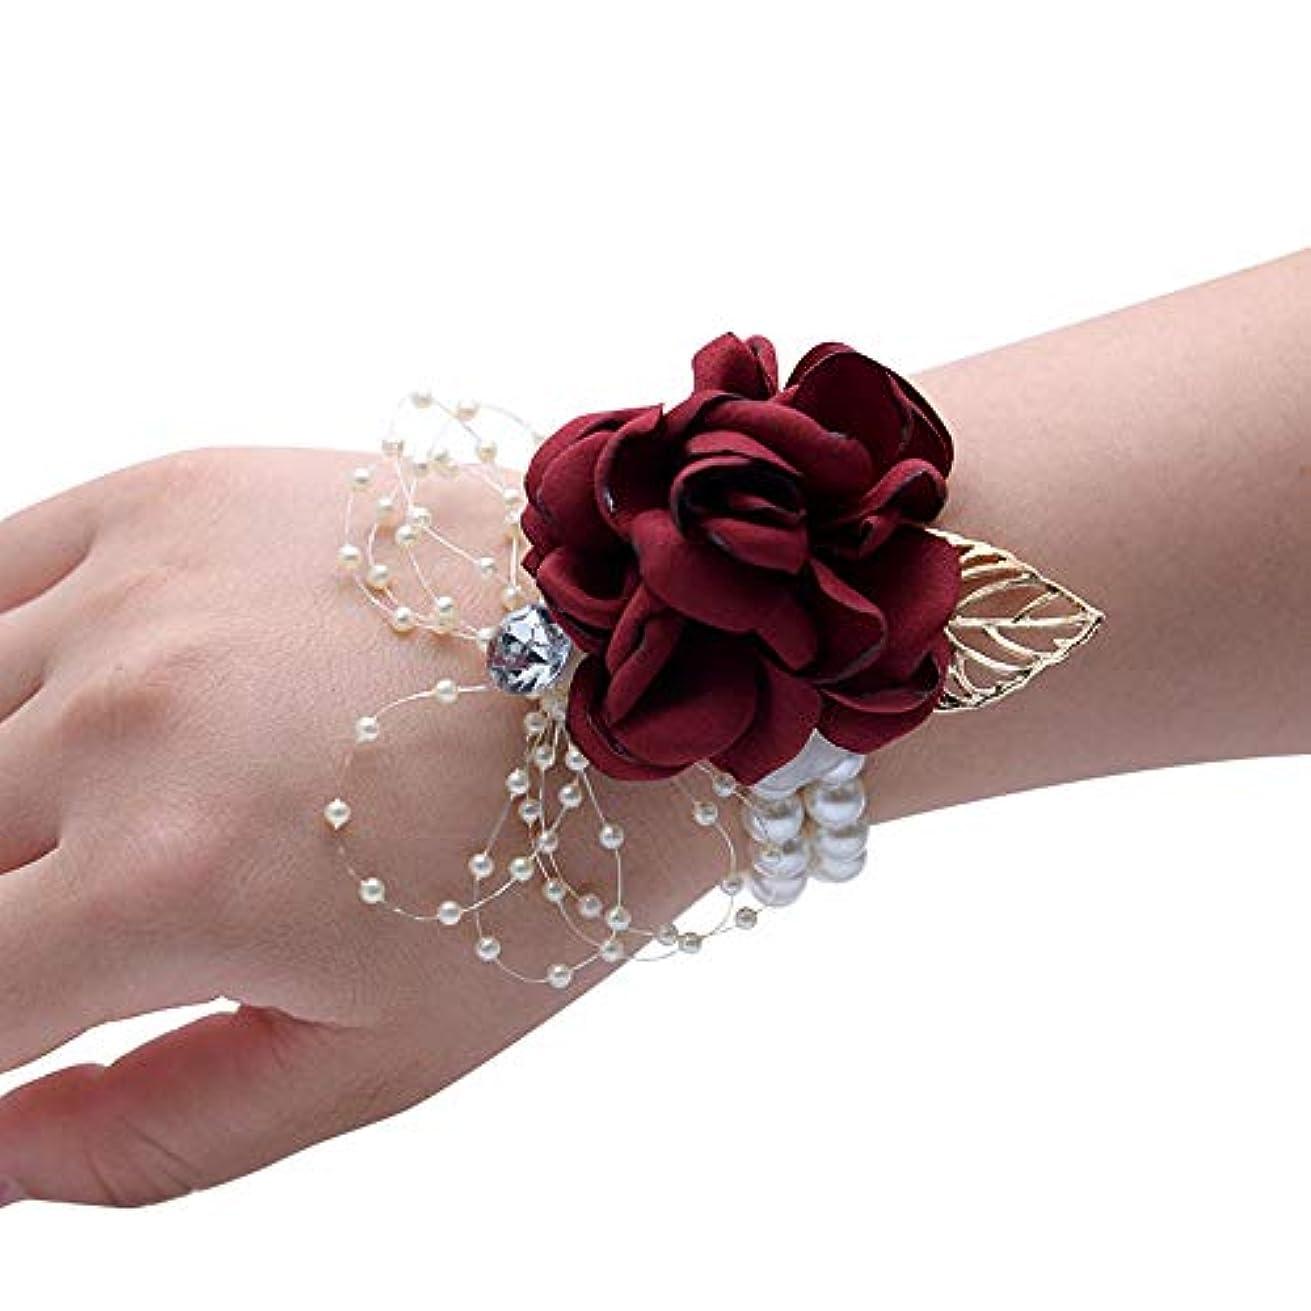 教えて資料磁器Merssavo 手首の花 - 女の子チャーム手首コサージュブレスレット花嫁介添人姉妹の手の花のどの真珠の結婚式、ワインレッド